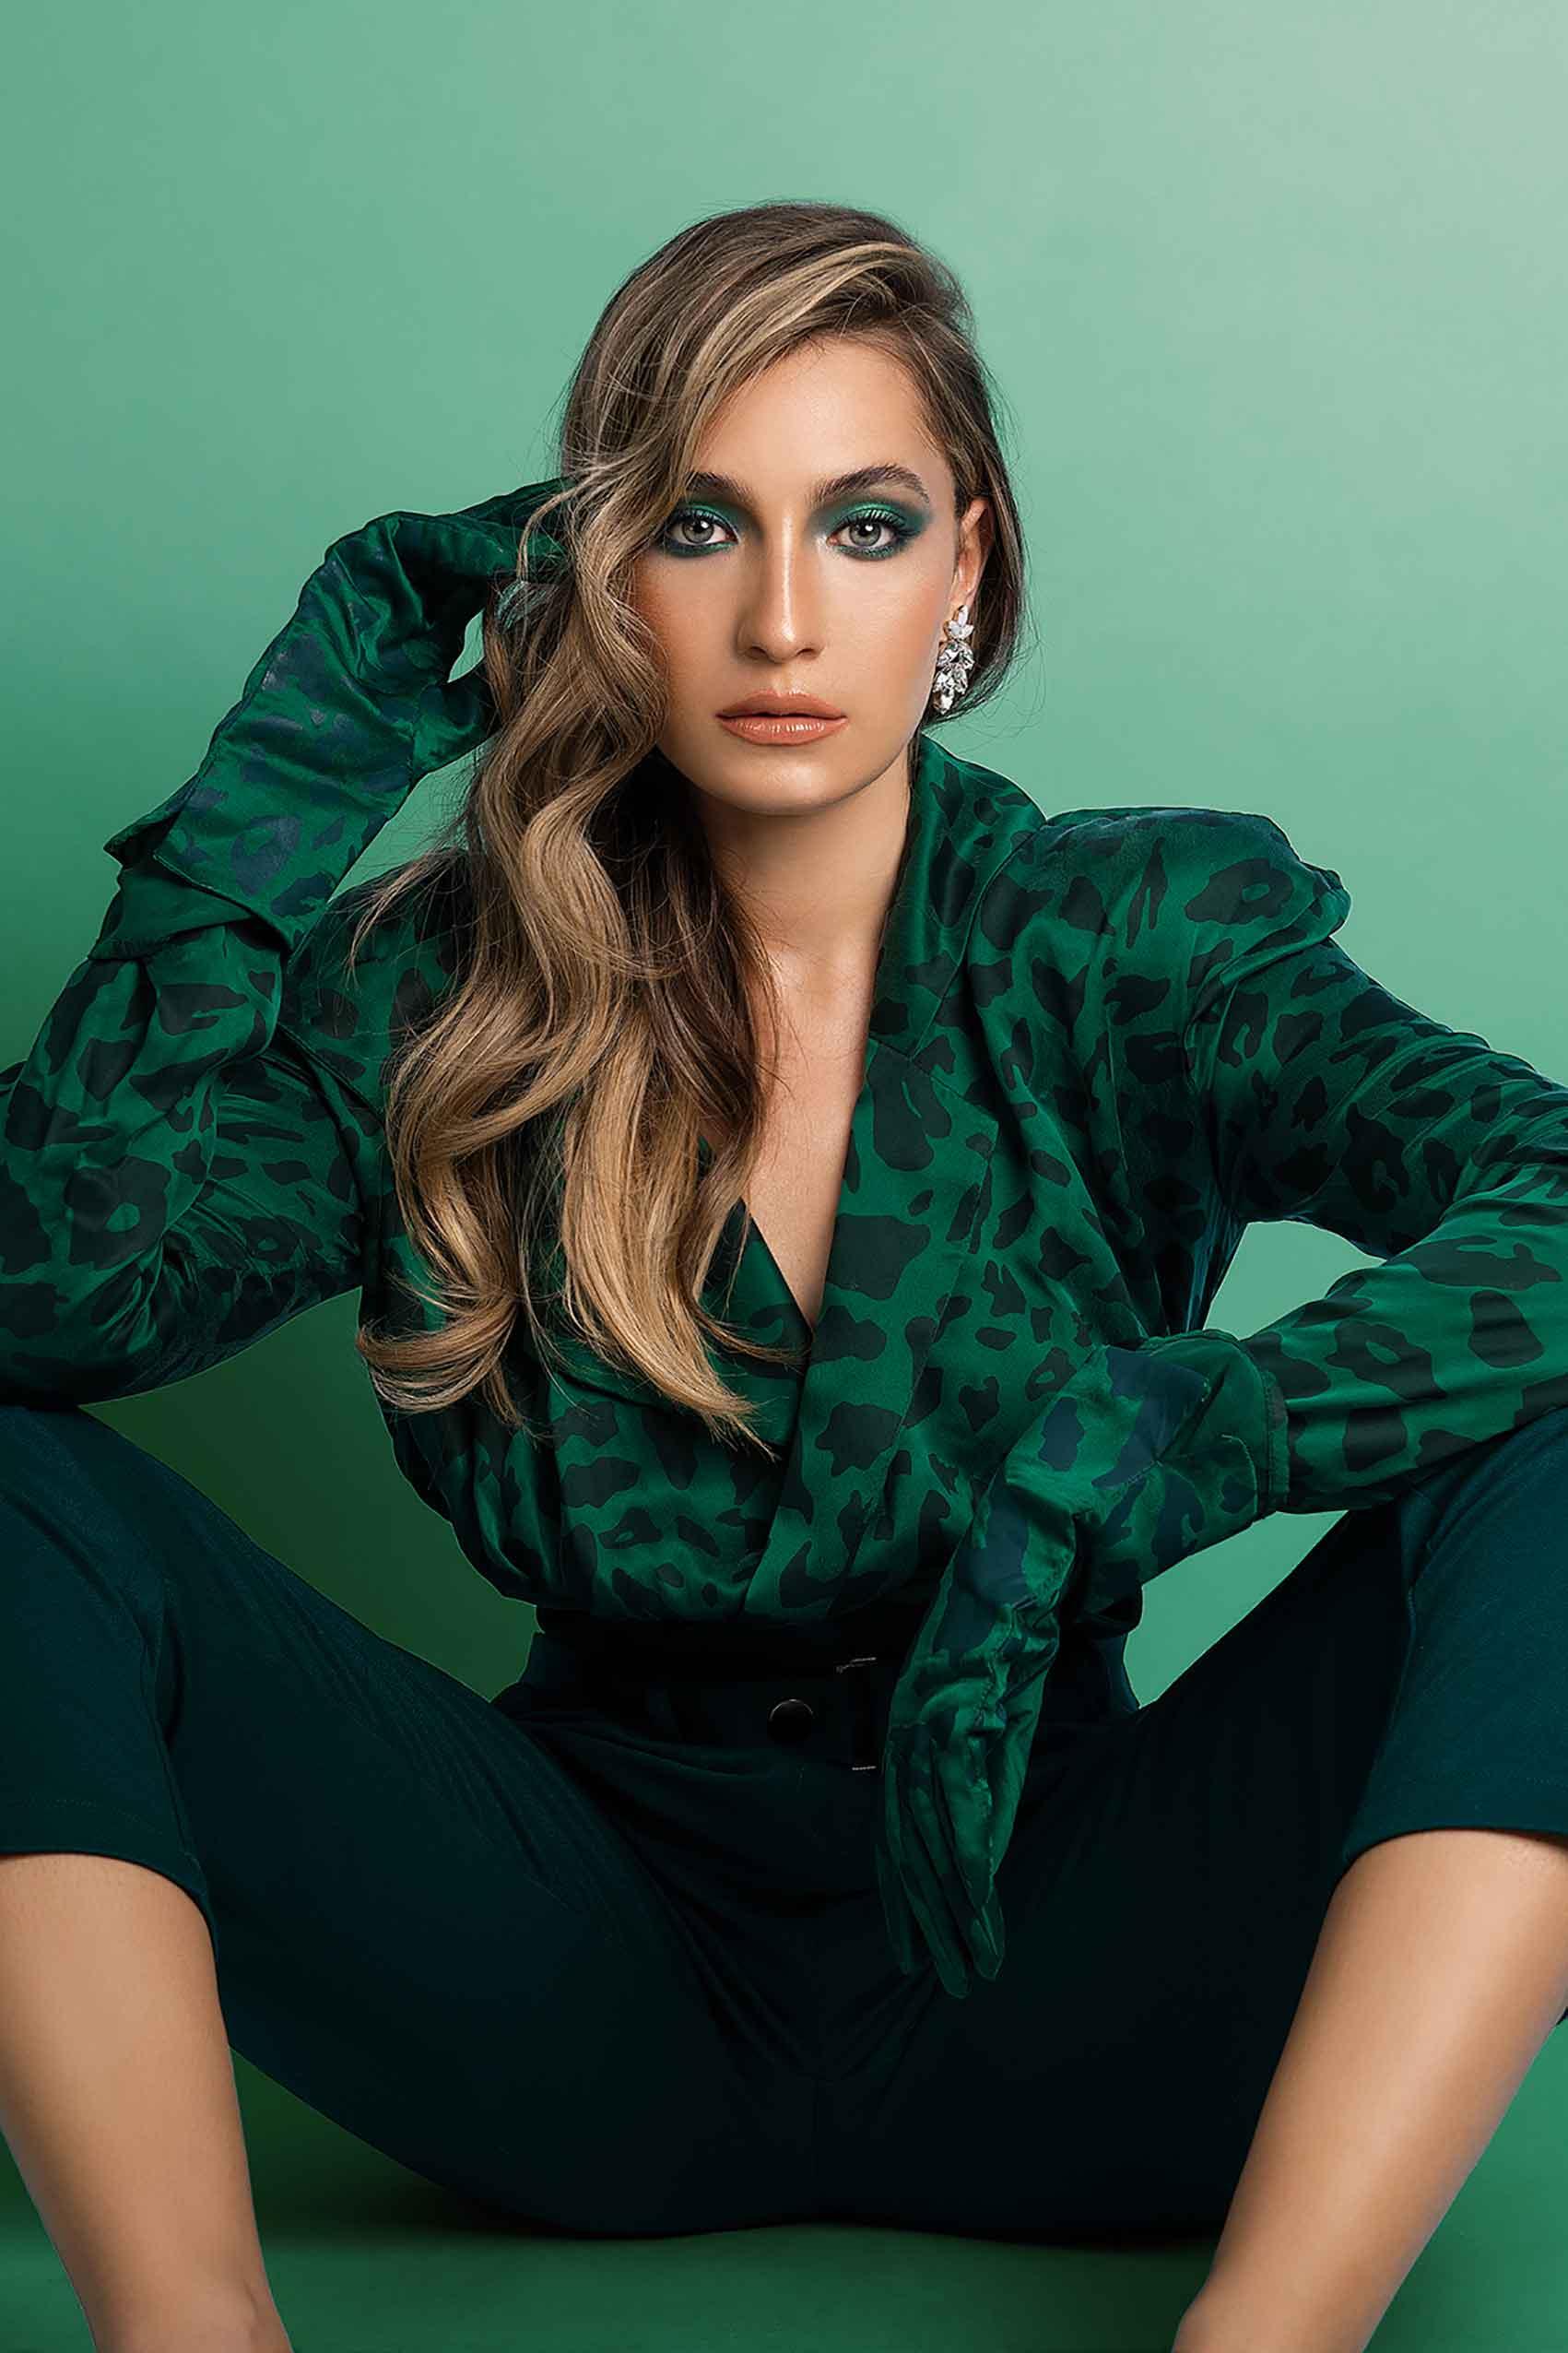 גאיה-גור-אריה-אופנה_מגזין_סטייל